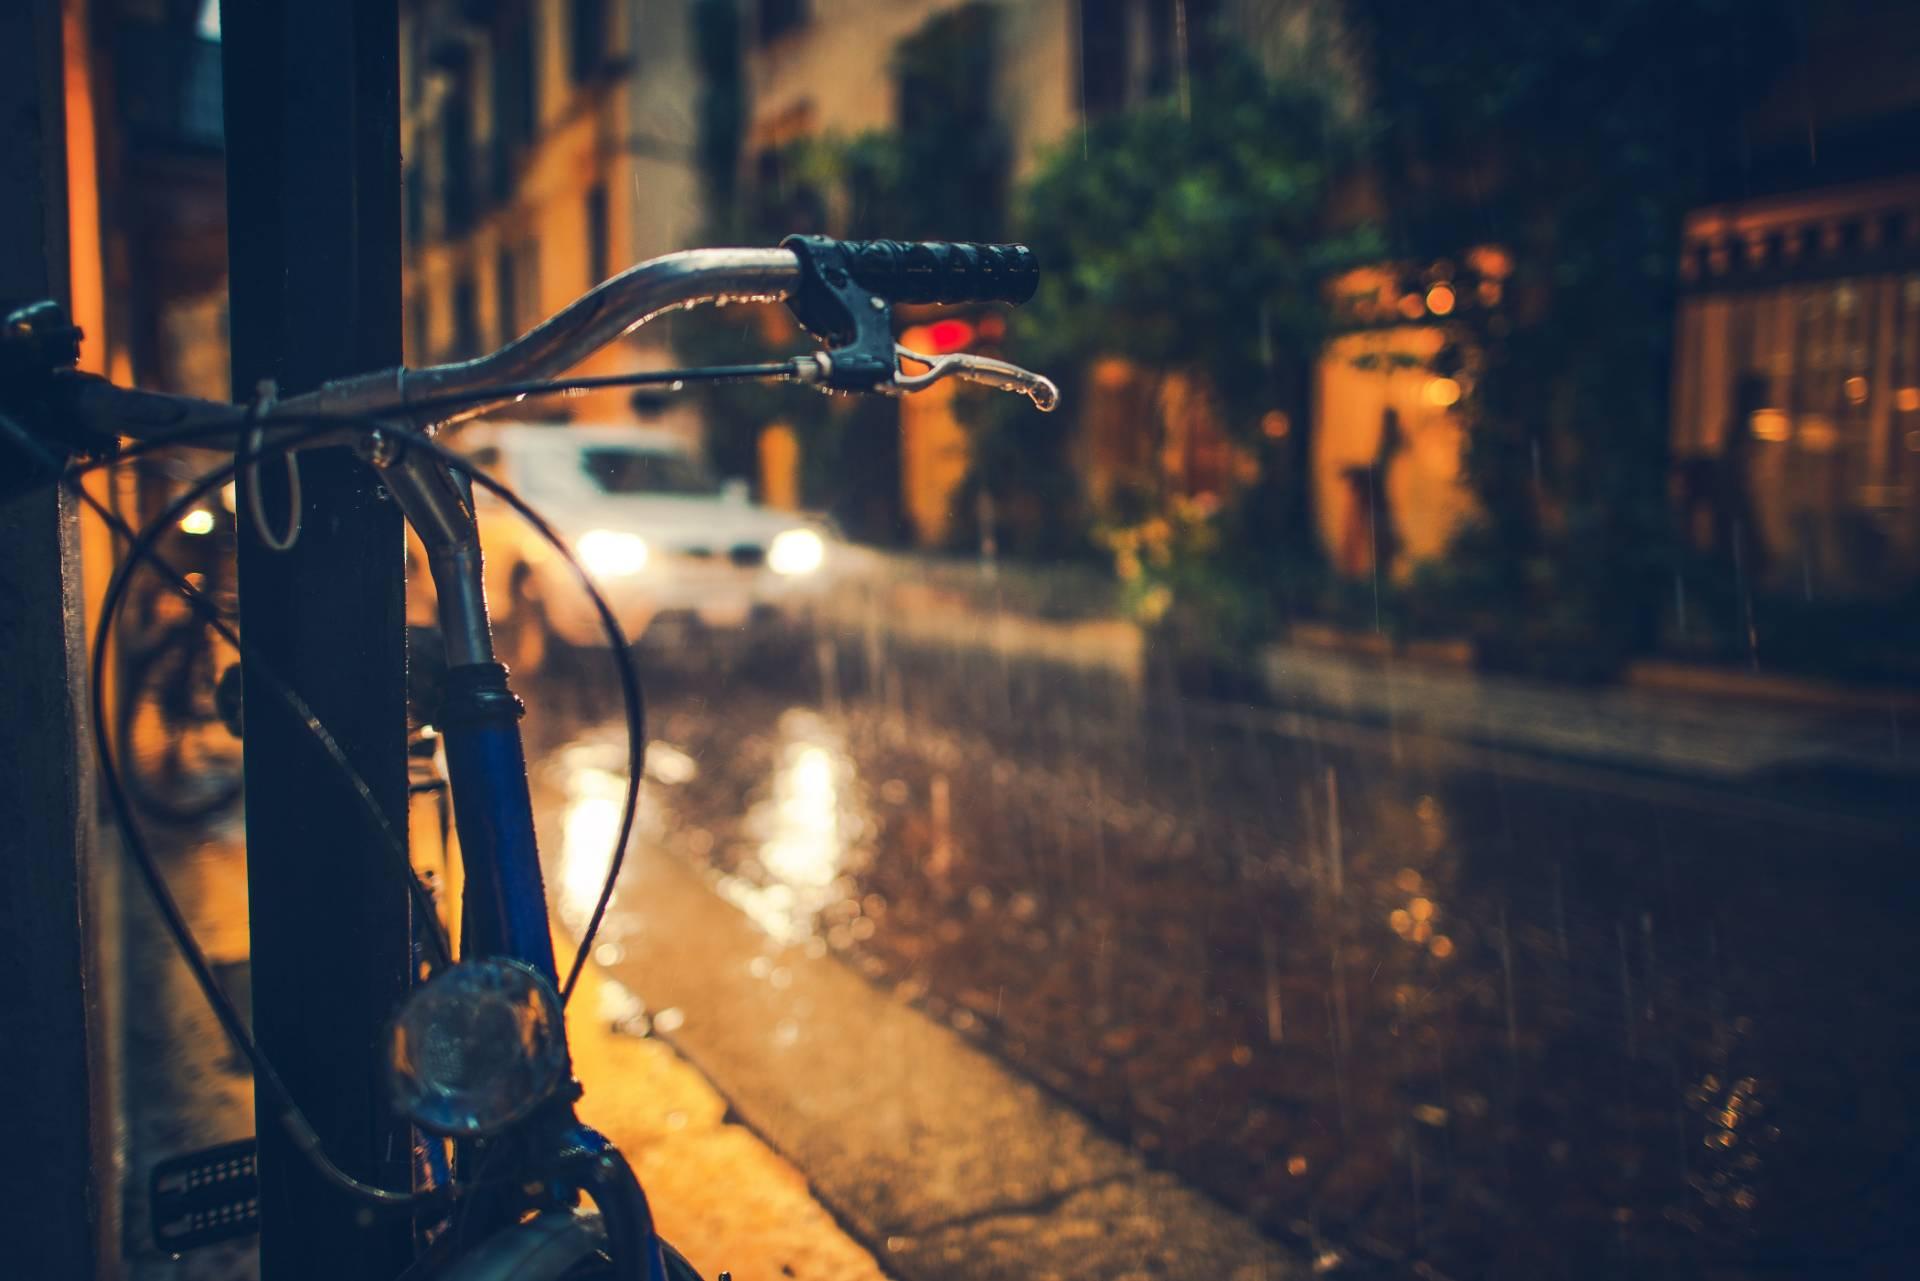 Qué hacer si llueve en un país europeo - Viajar por Europa